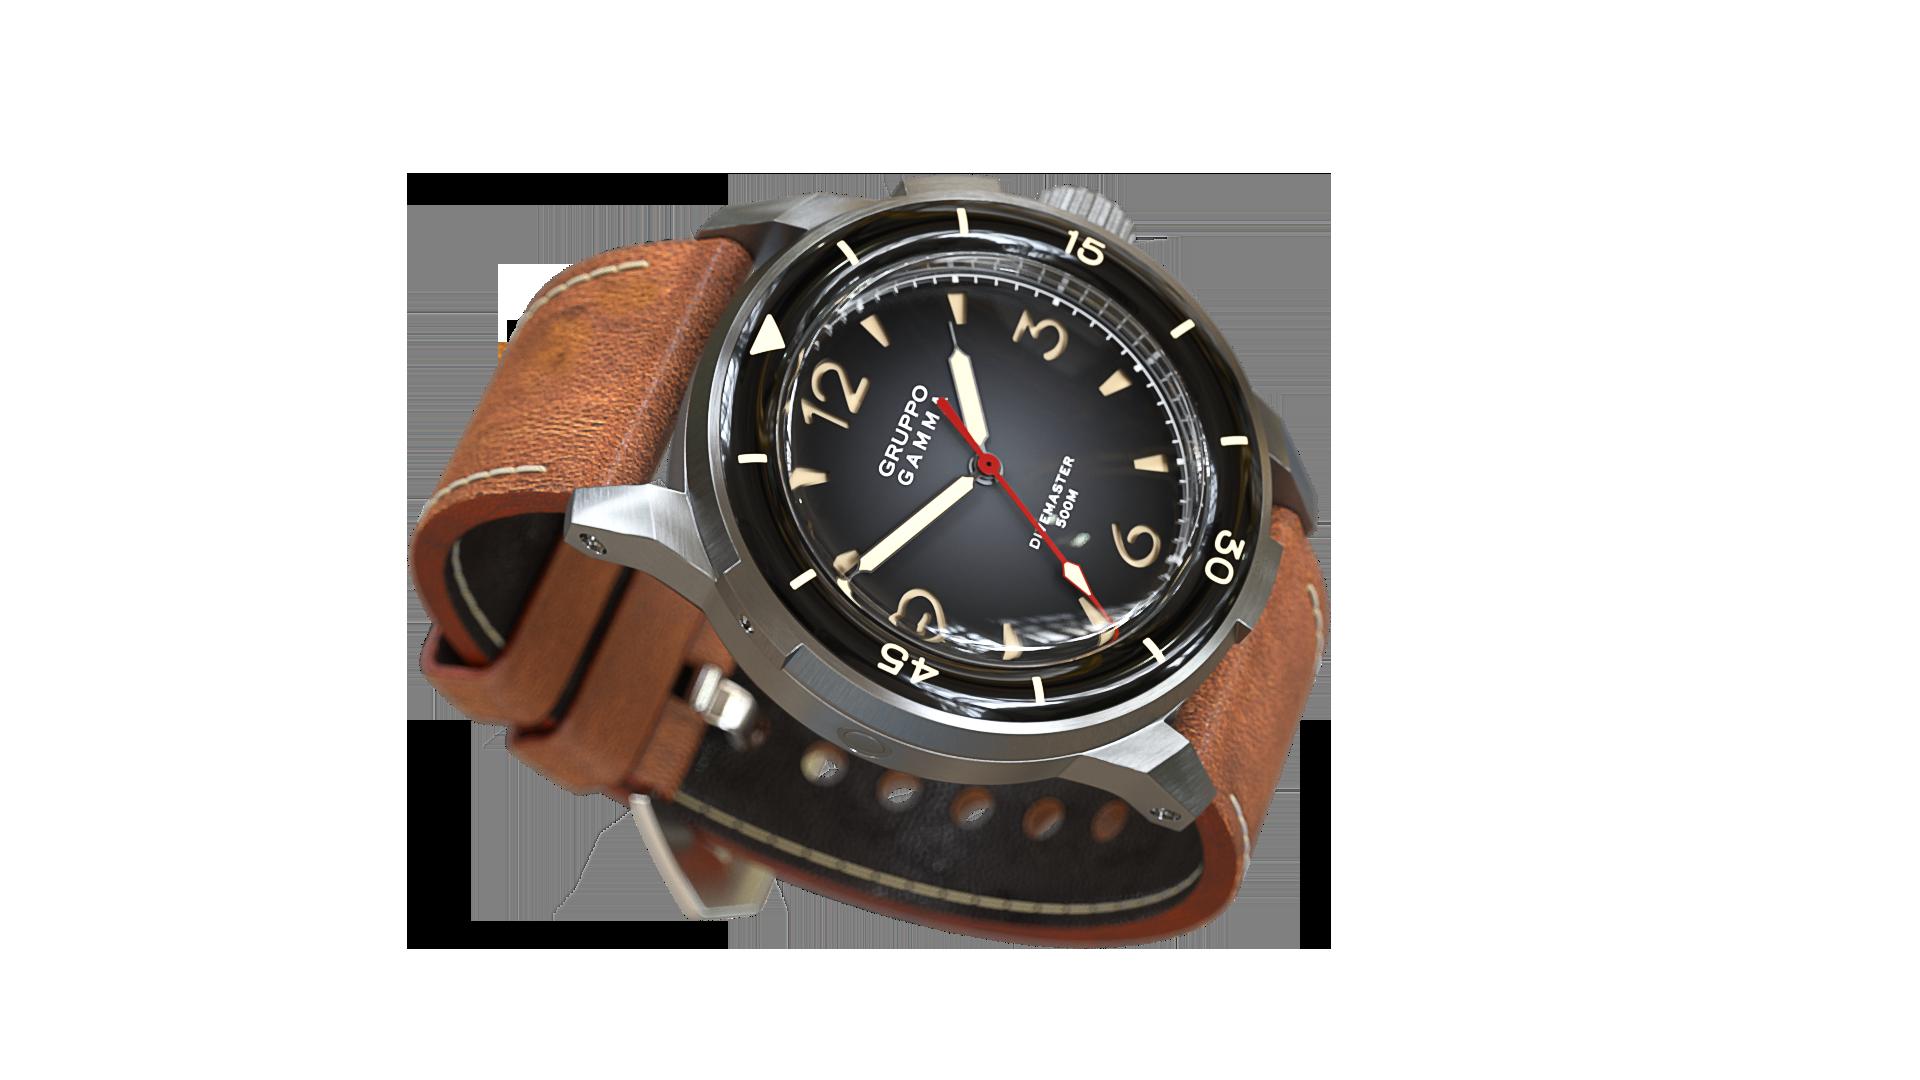 Divemaster DG-01 Preordine / Preorder